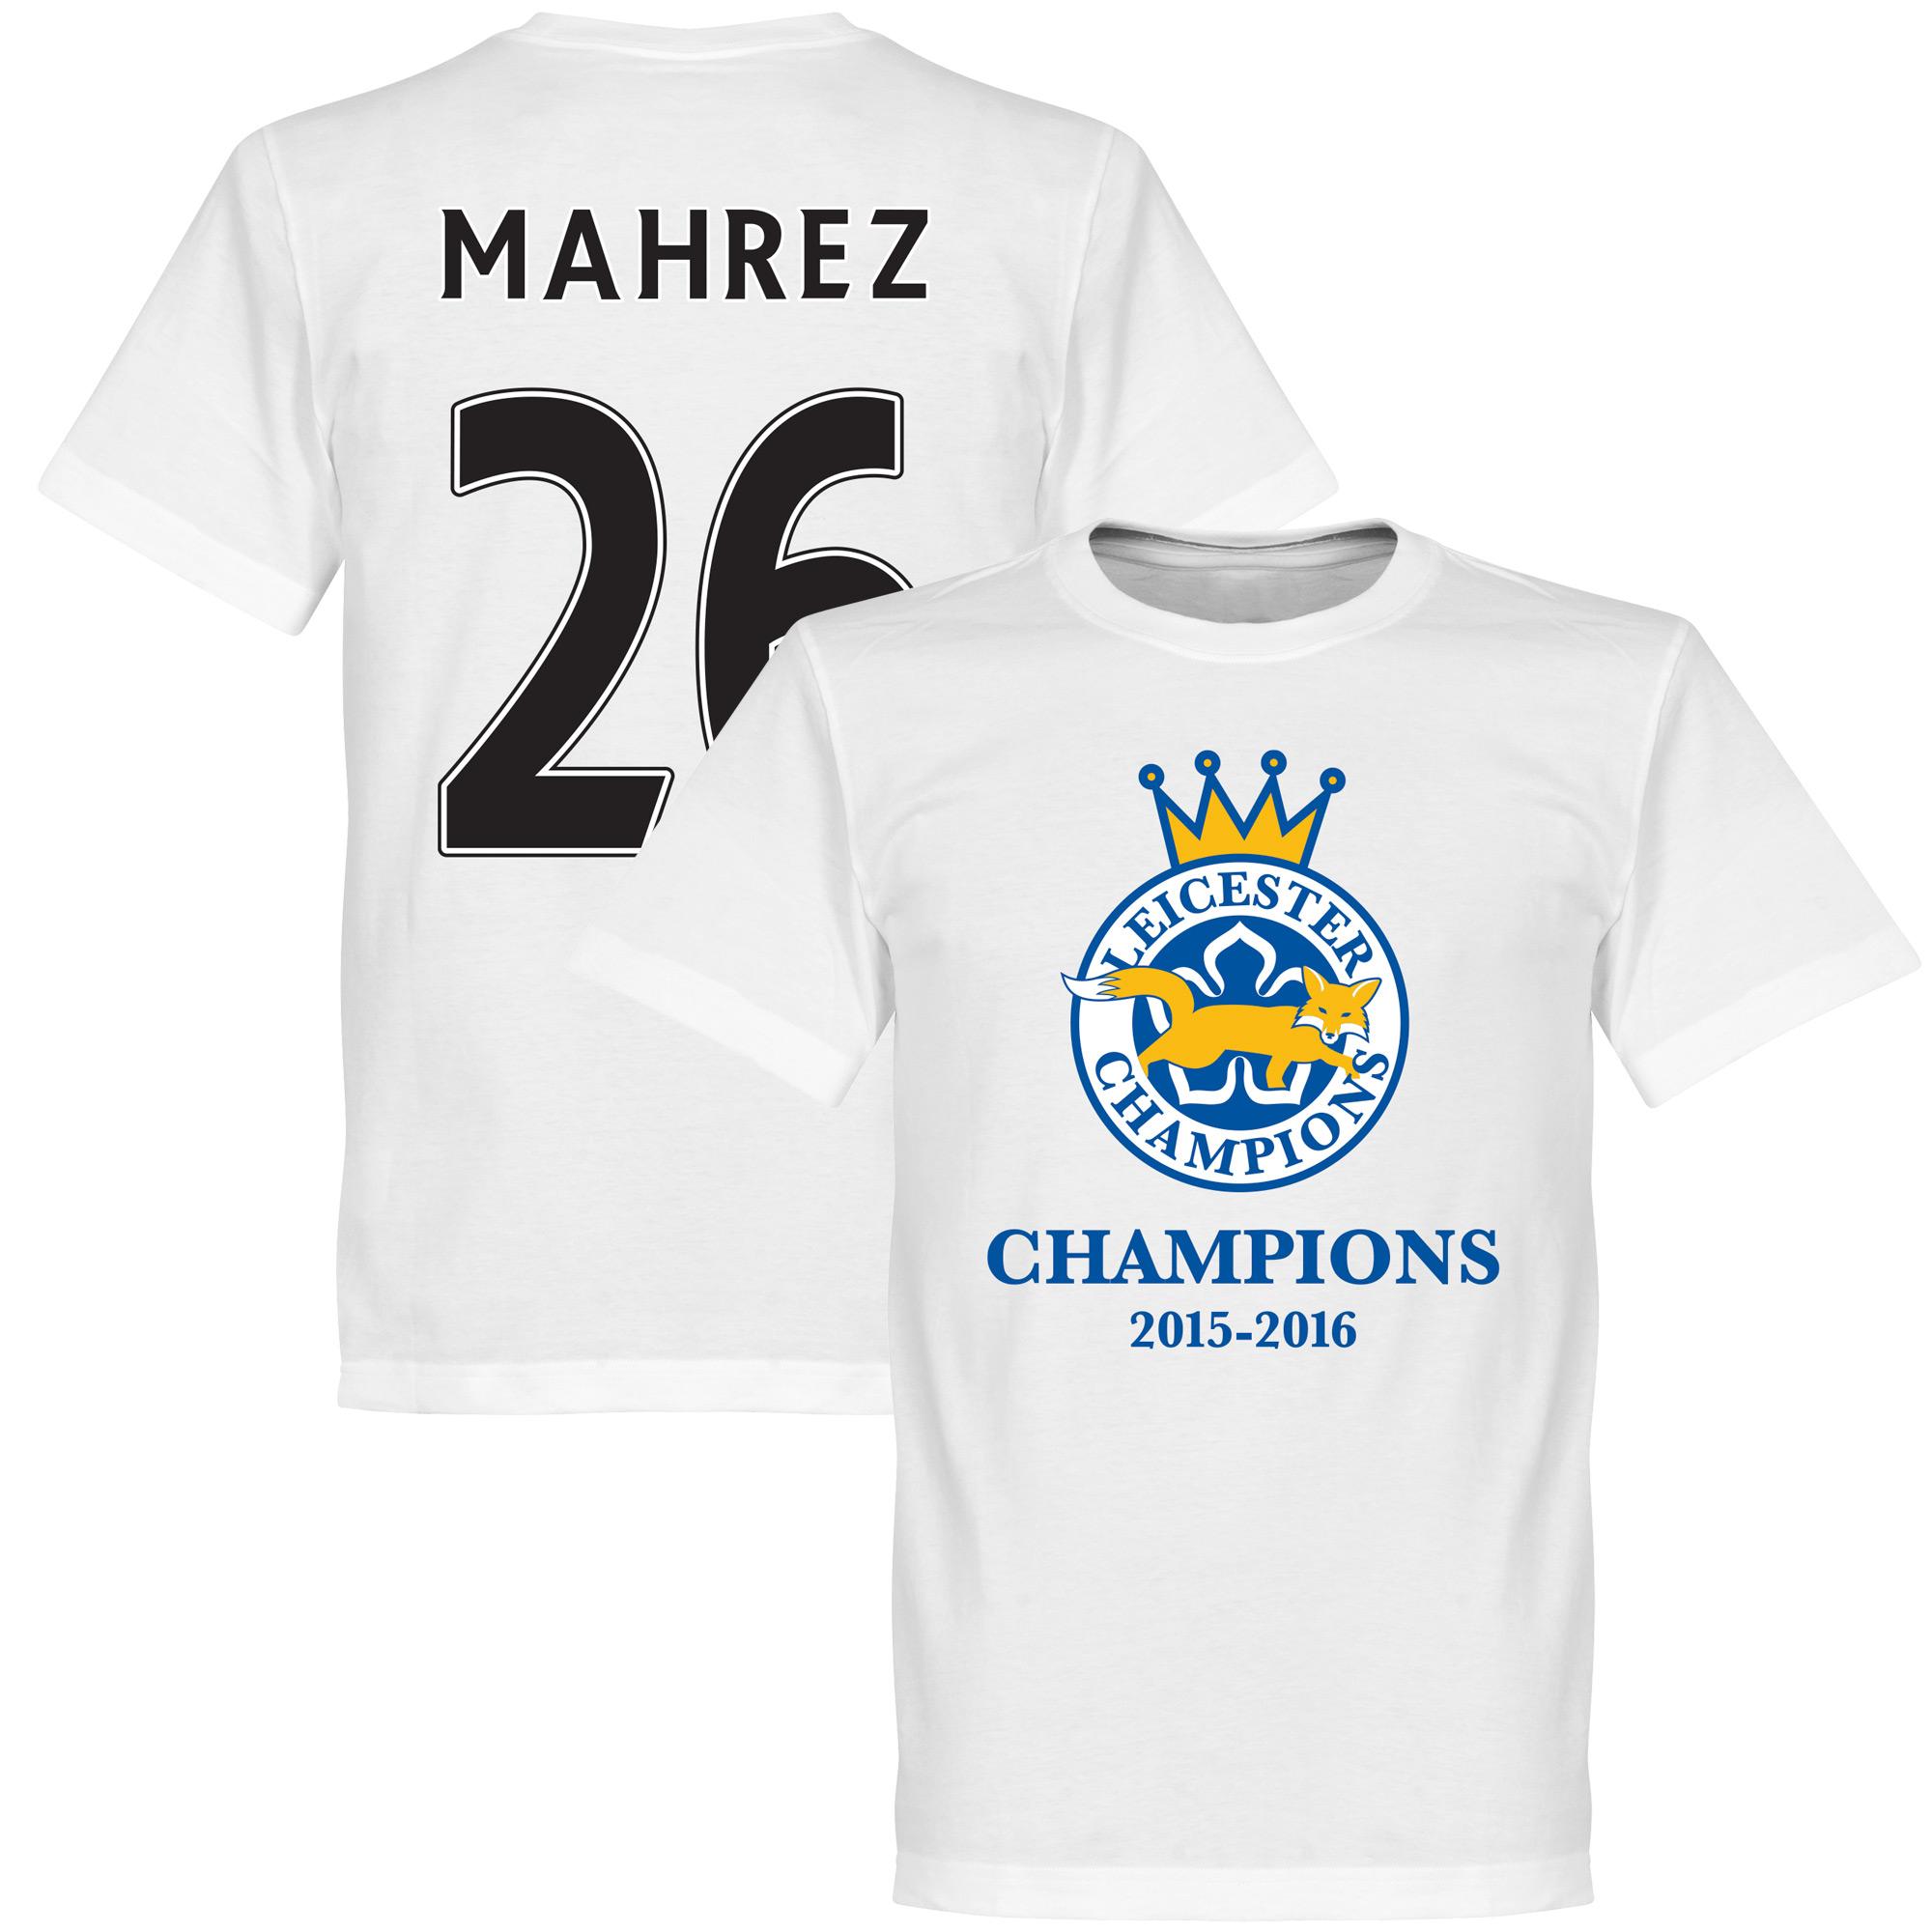 Leicester Champions Mahrez Tee - White - XXXXL